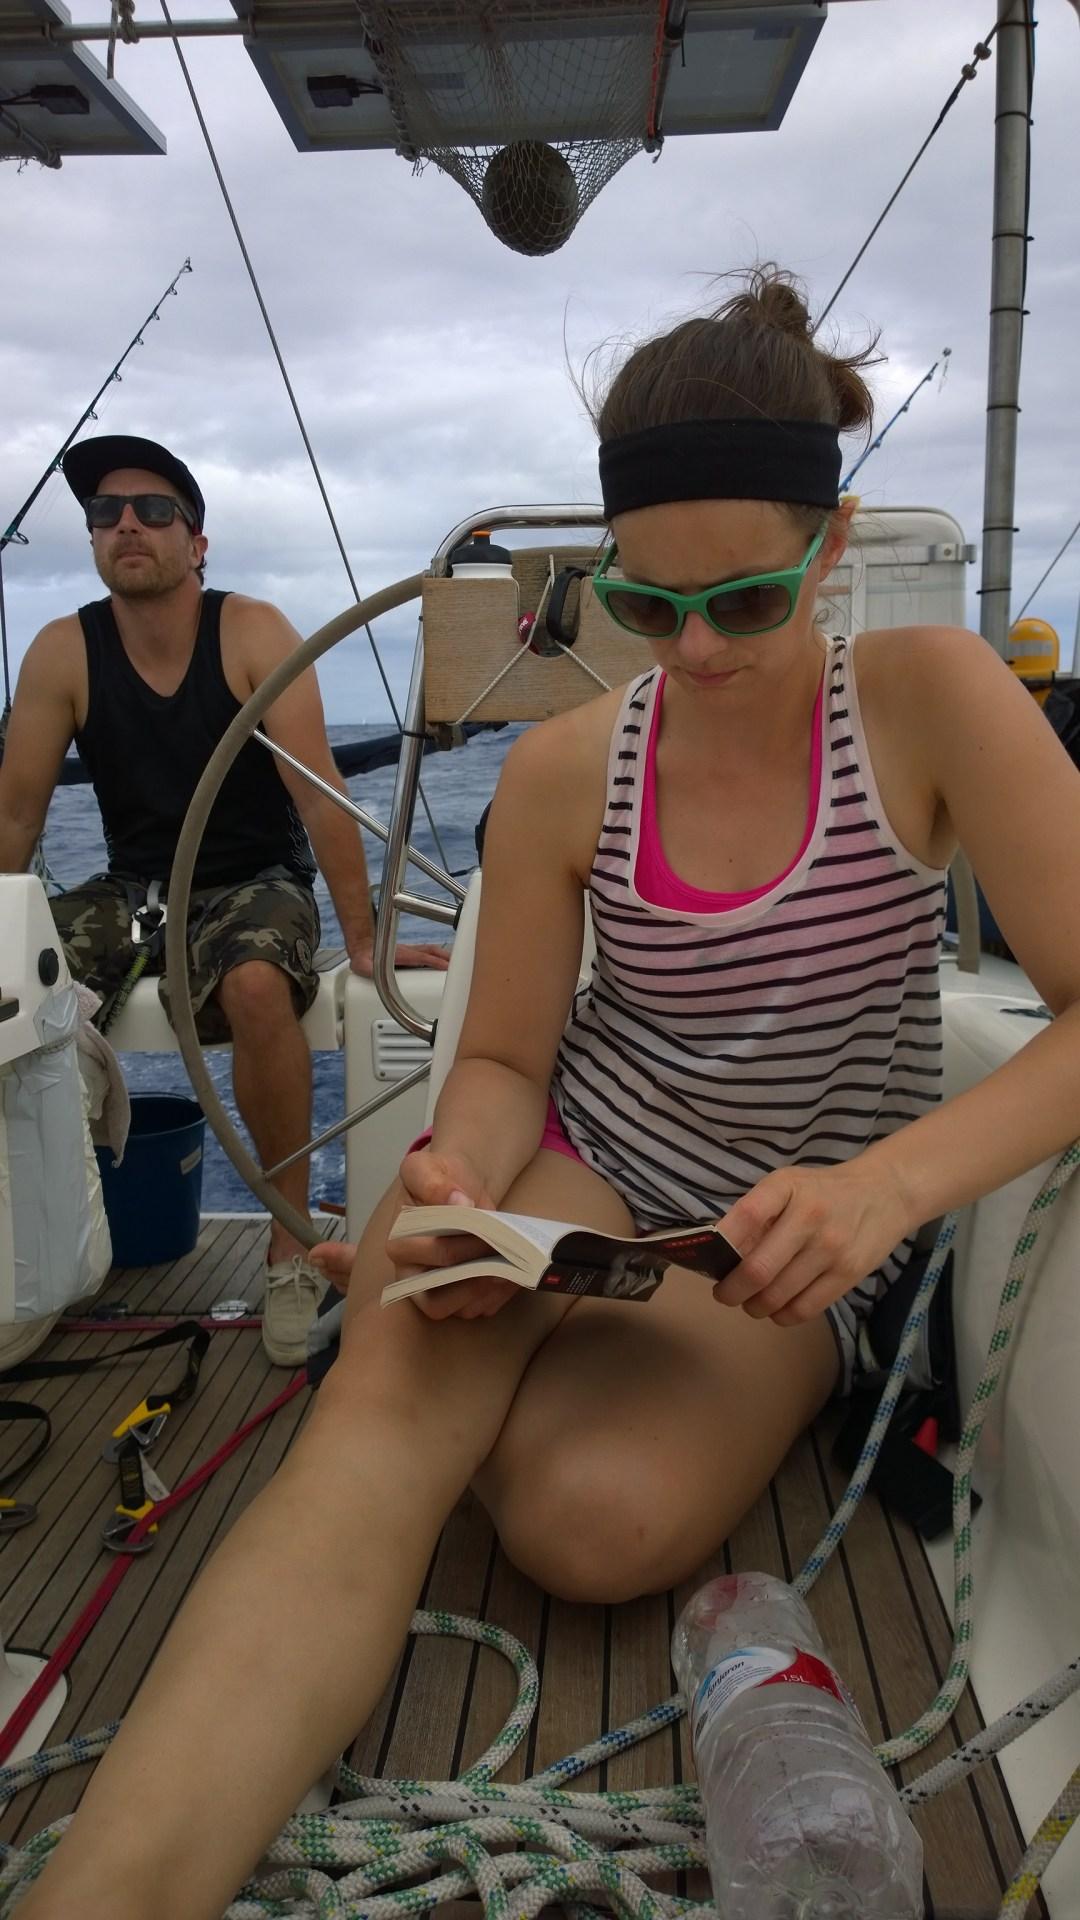 Meikä kirjanryöstössä. En ole aikaisemmin pystynyt lukemaan veneessä huonon olon vuoksi, joten en varannut kirjoja mukaan. Keskityin ottamaan muilta kesken olevia kirjoja luettavaksi. Mikä tahansa kirja, jos se vain oli jollain kesken, kelpasi!